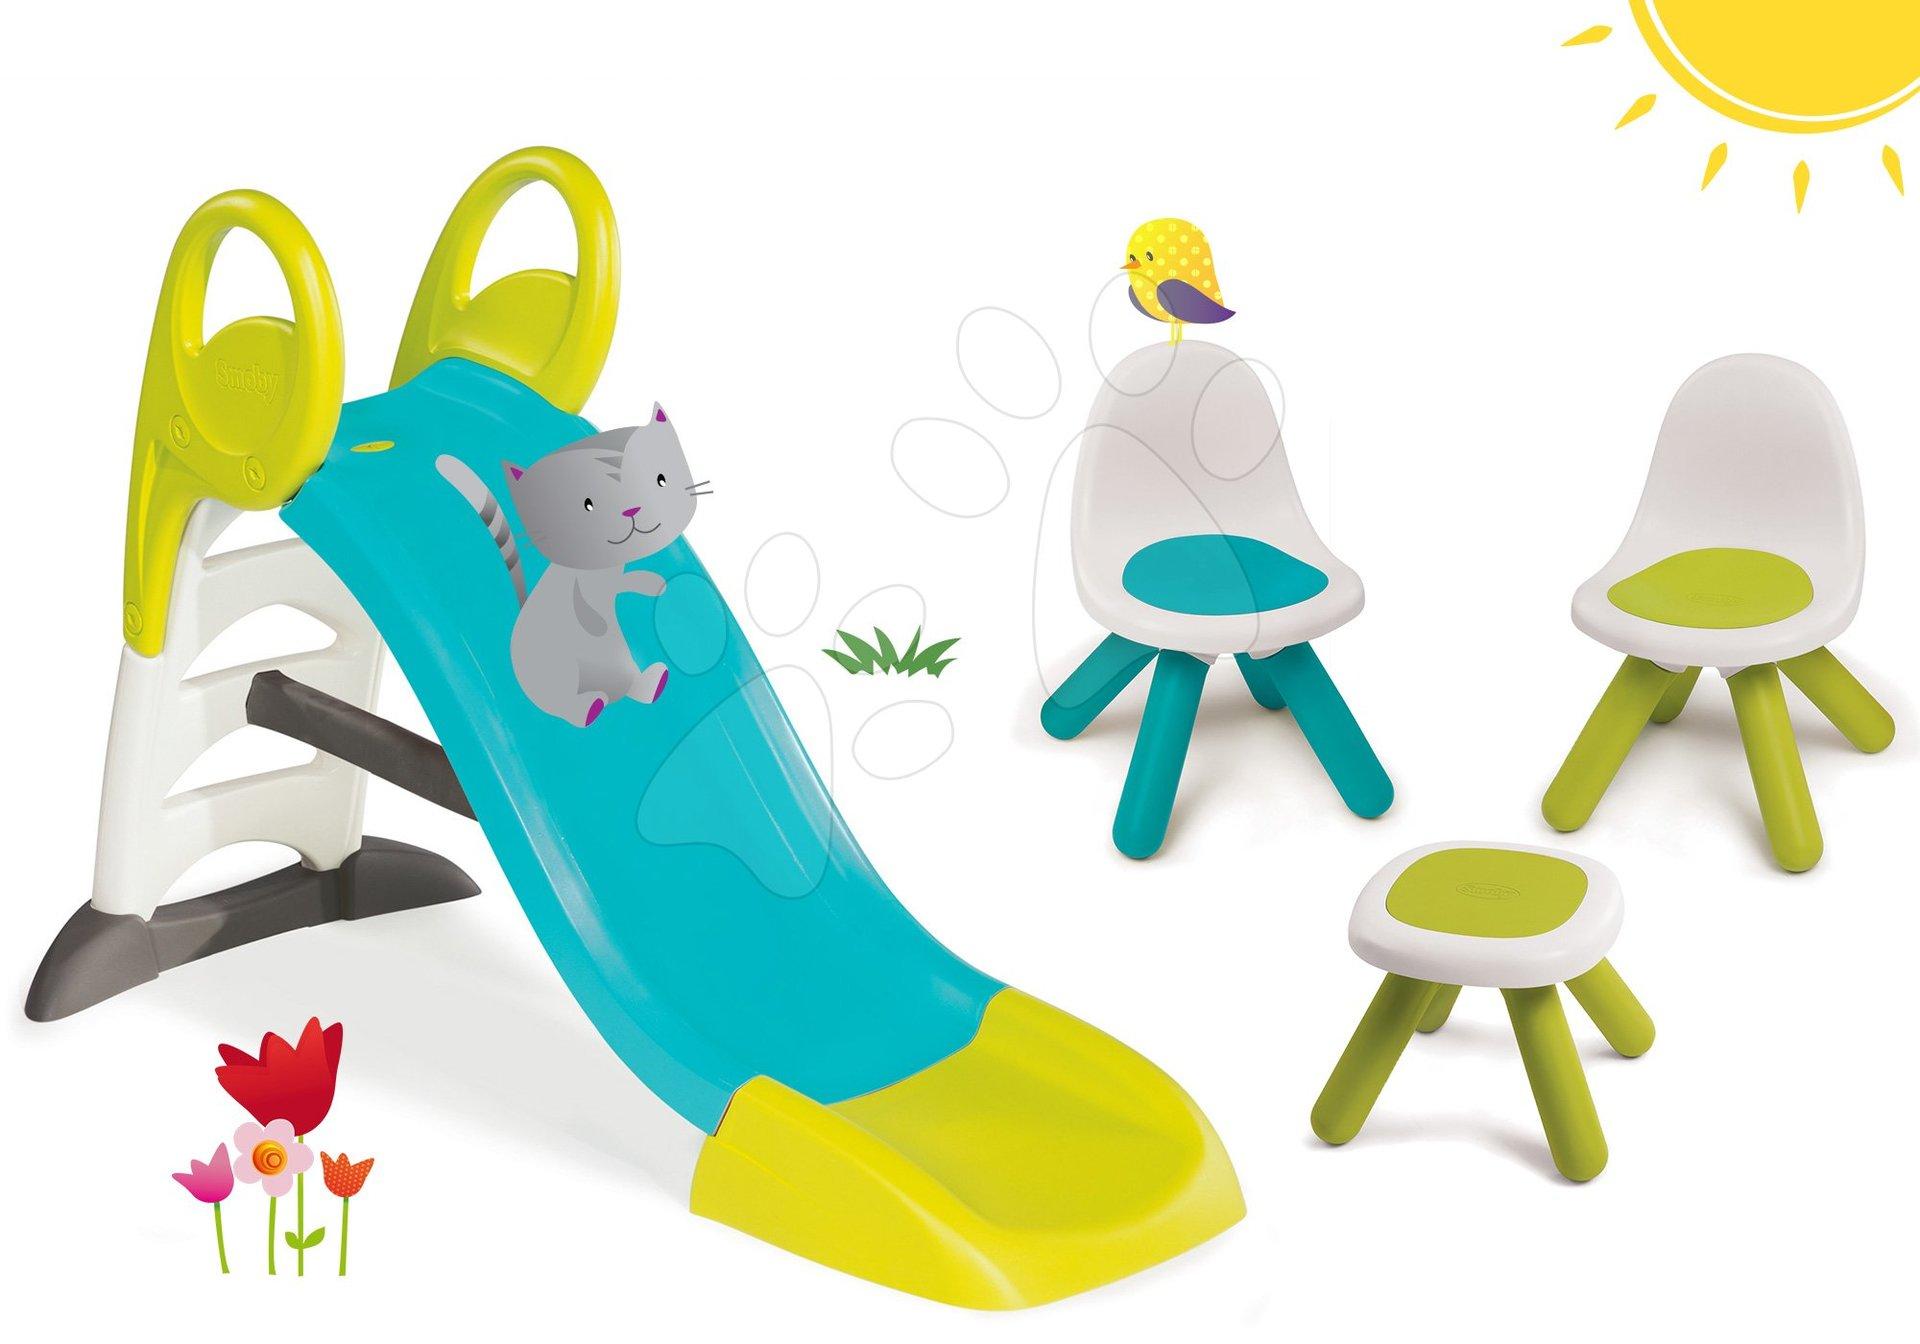 Set skluzavka Toboggan KS Smoby 150 cm a Piknik stolek se dvěma židlemi KidChair Blue od 24 měsíců